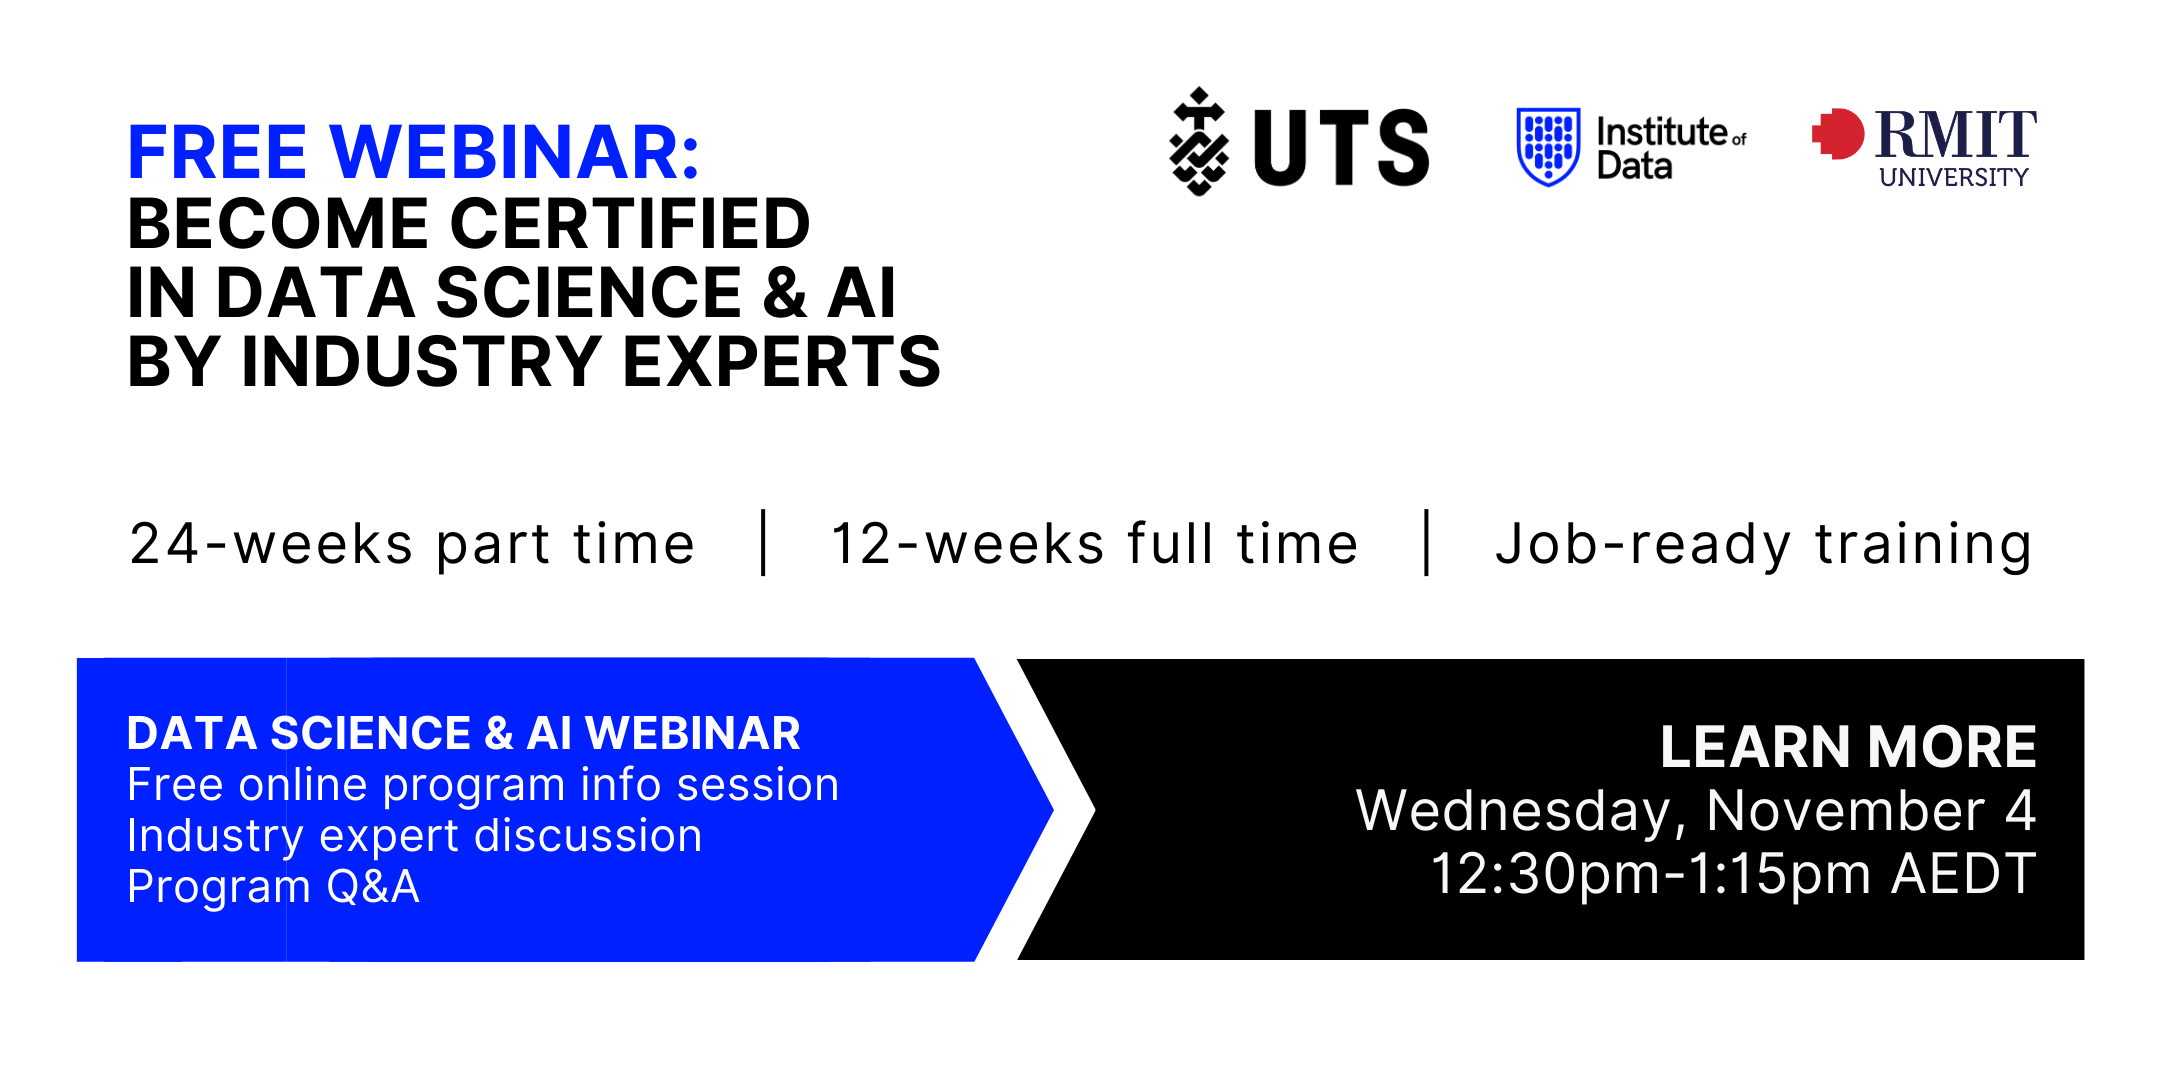 Institute of Data RMIT UTS - Data Science Program - Online Info Session - November 4 2020